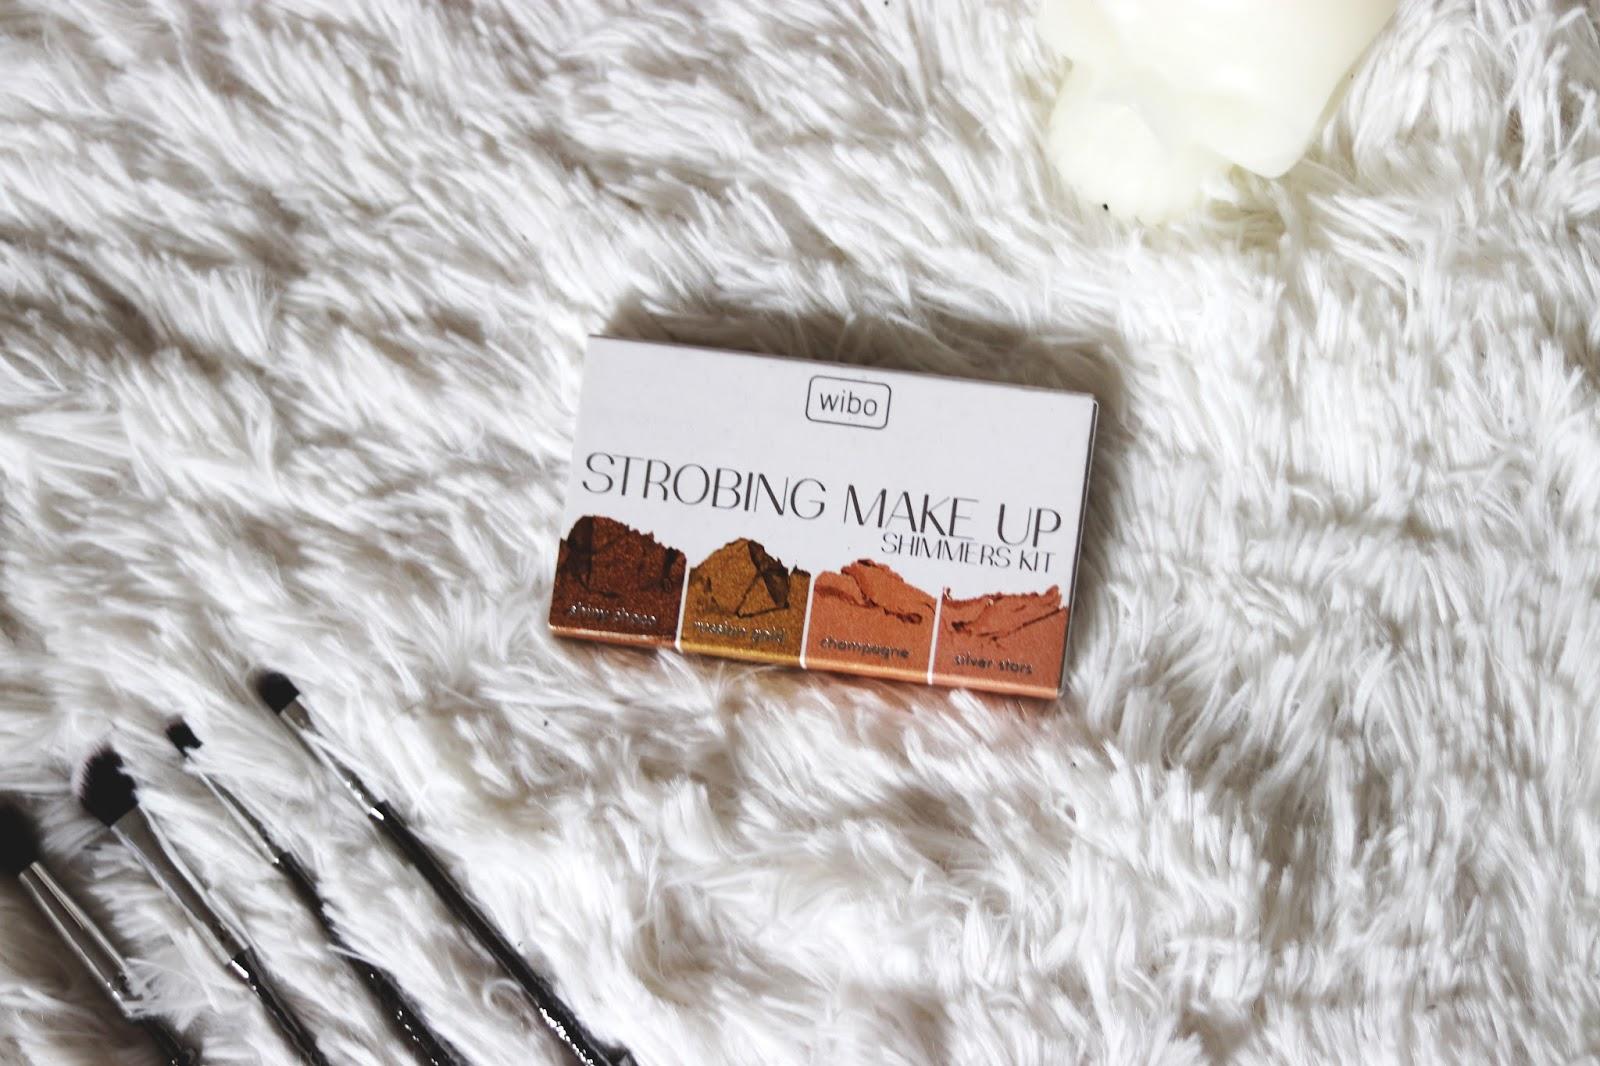 Wibo Strobing Make Up Shimmer Kit,  paletka rozświetlaczy Wibo